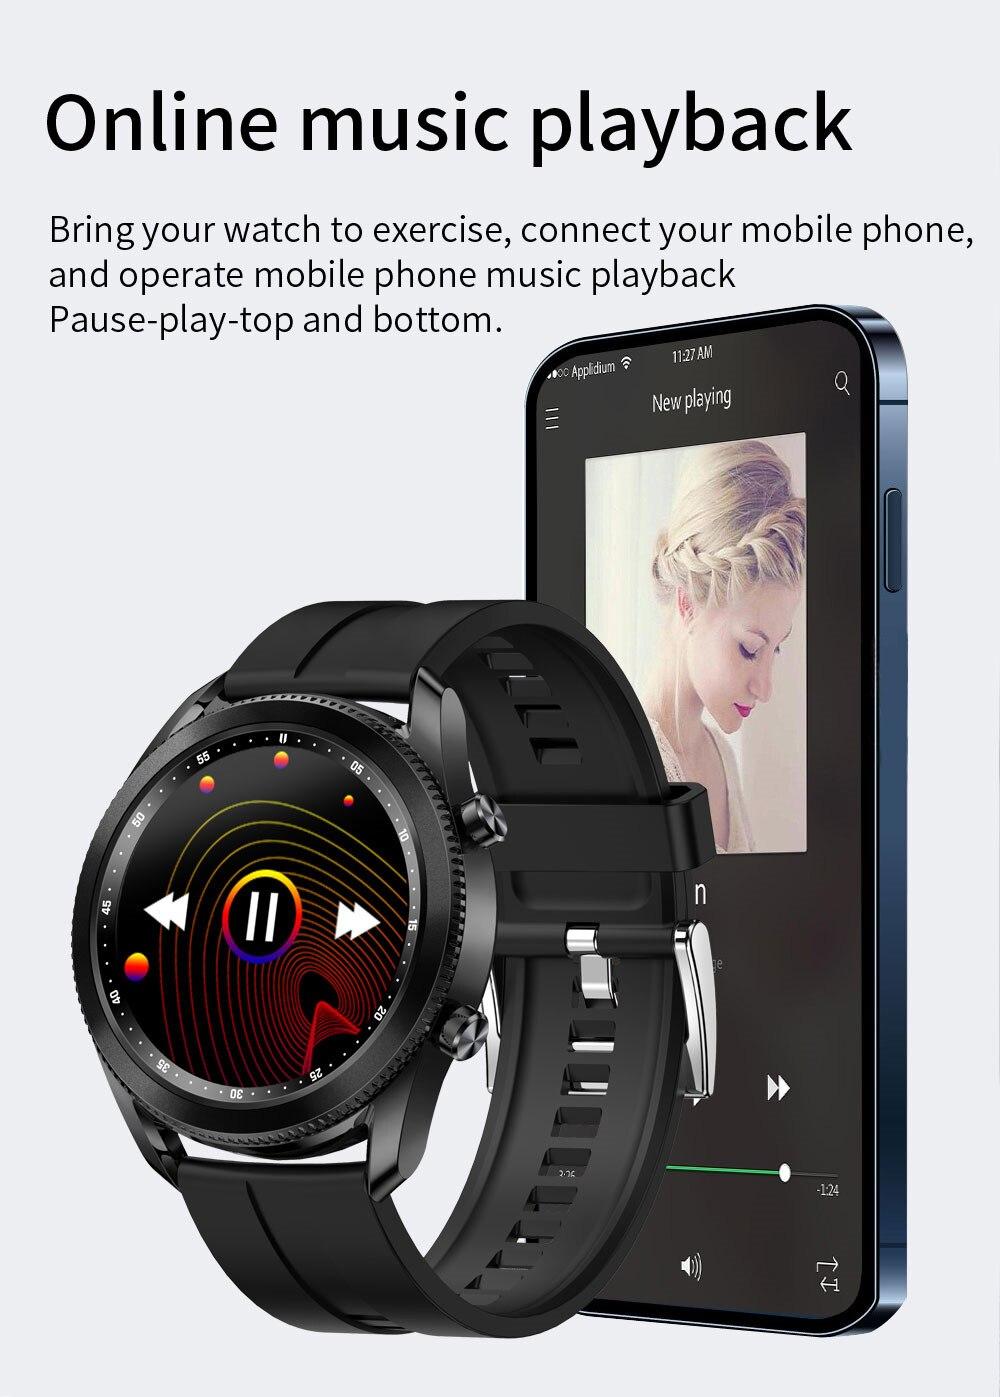 ANDROID Đồng Hồ Thông Minh Diliberto Tk88 Kết Nối Bluetooth Hỗ Trợ Dự Báo Thời Tiết Và Phụ Kiện